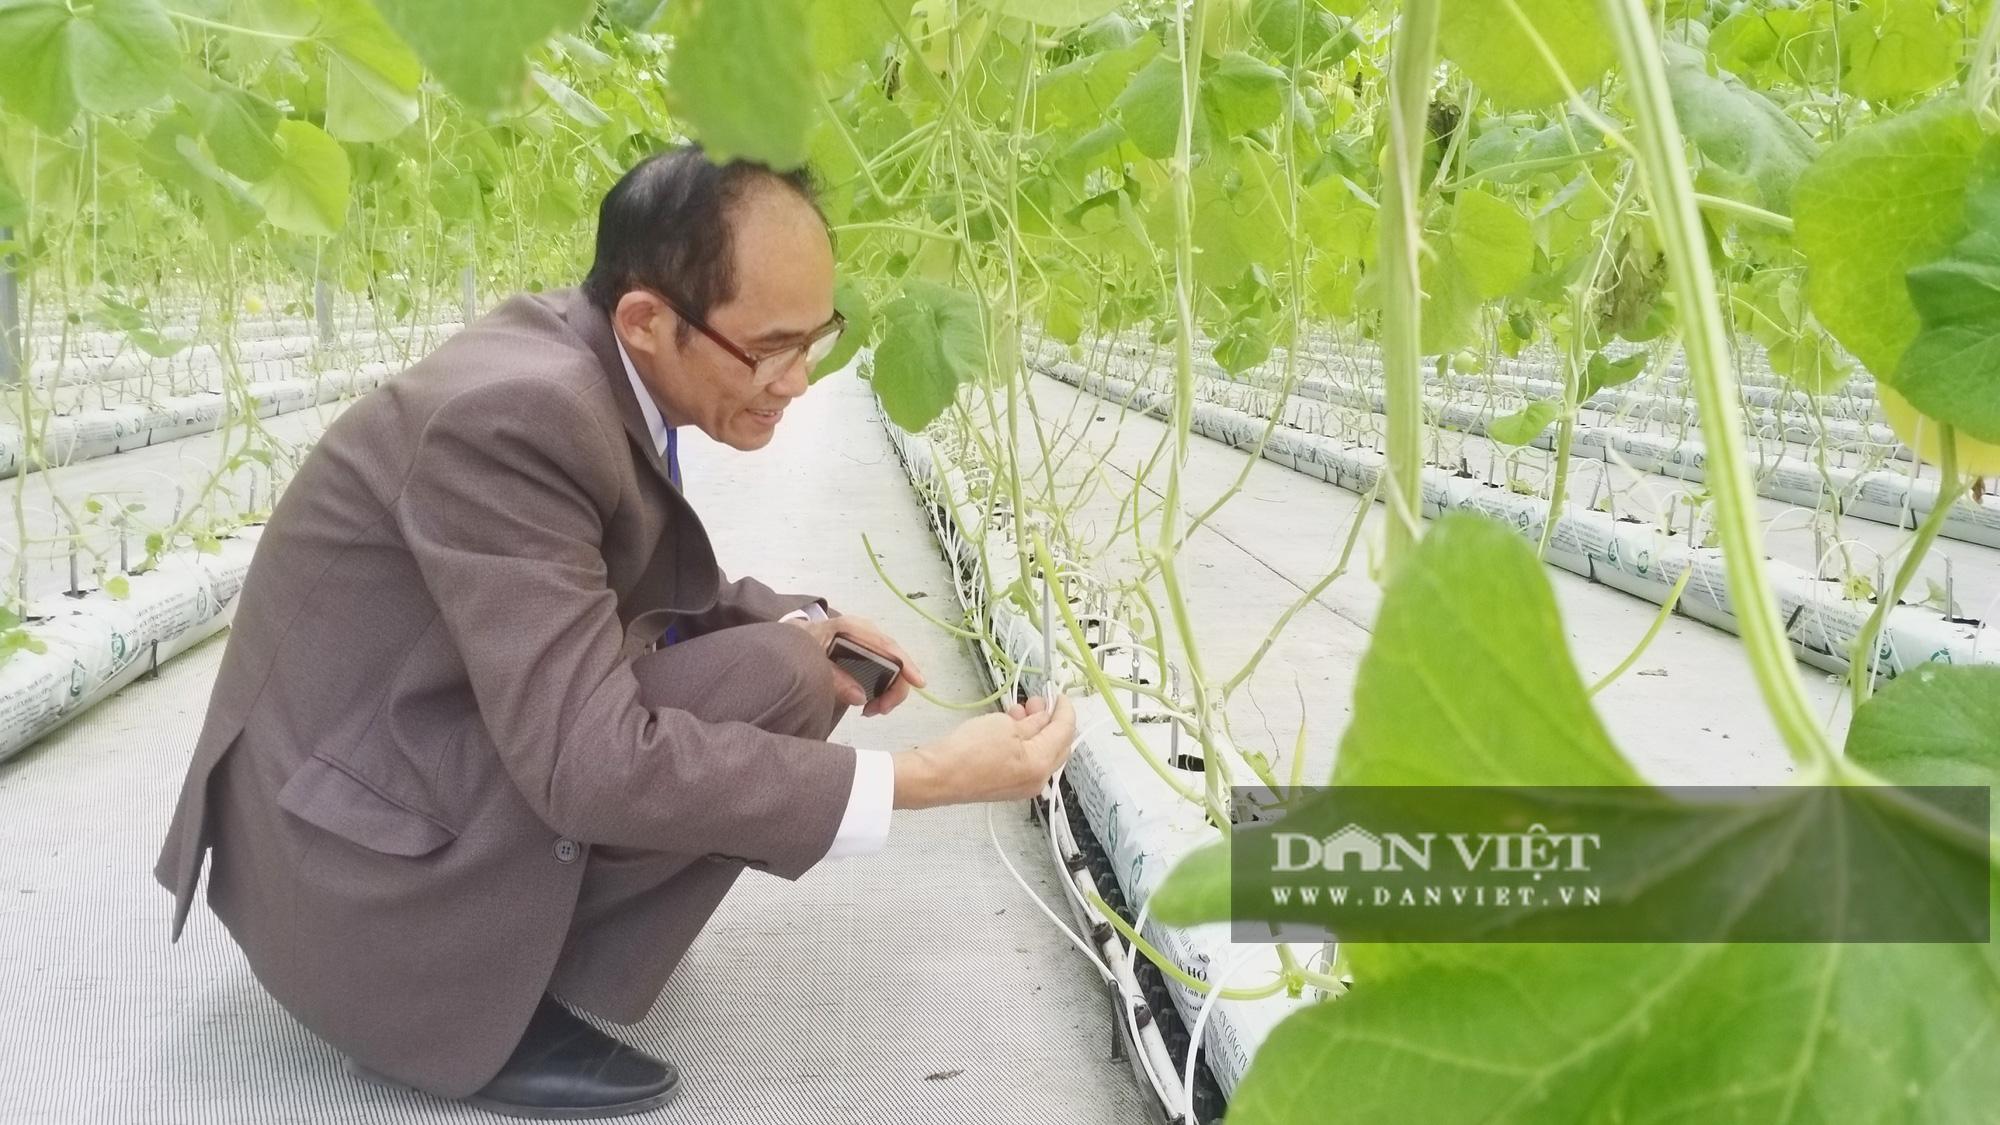 """Nông dân xuất sắc đã mắt ngắm hệ thống điều hòa khí hậu """"khổng lồ"""" để chăm sóc rau của VinEco - Ảnh 4."""